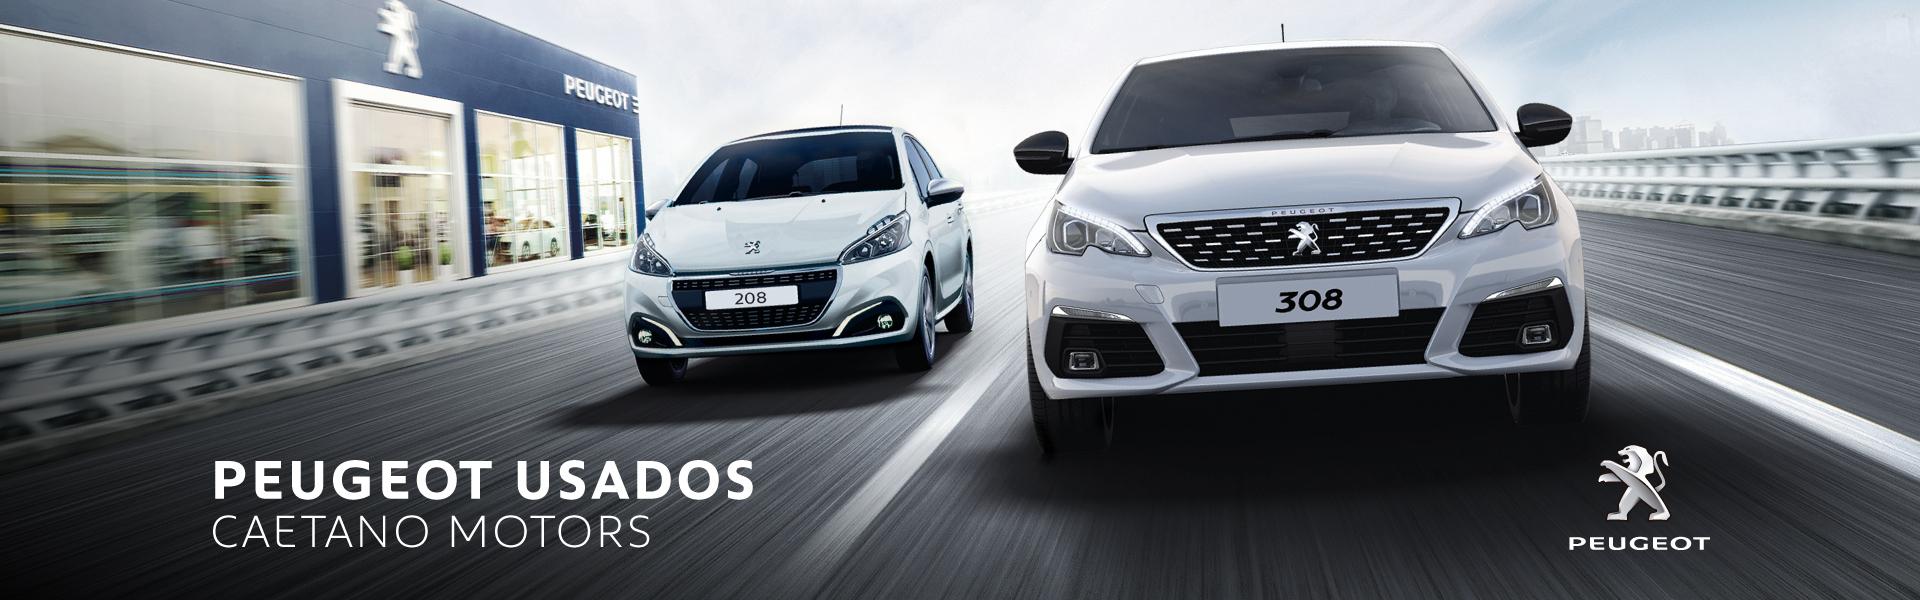 Peugeot usados